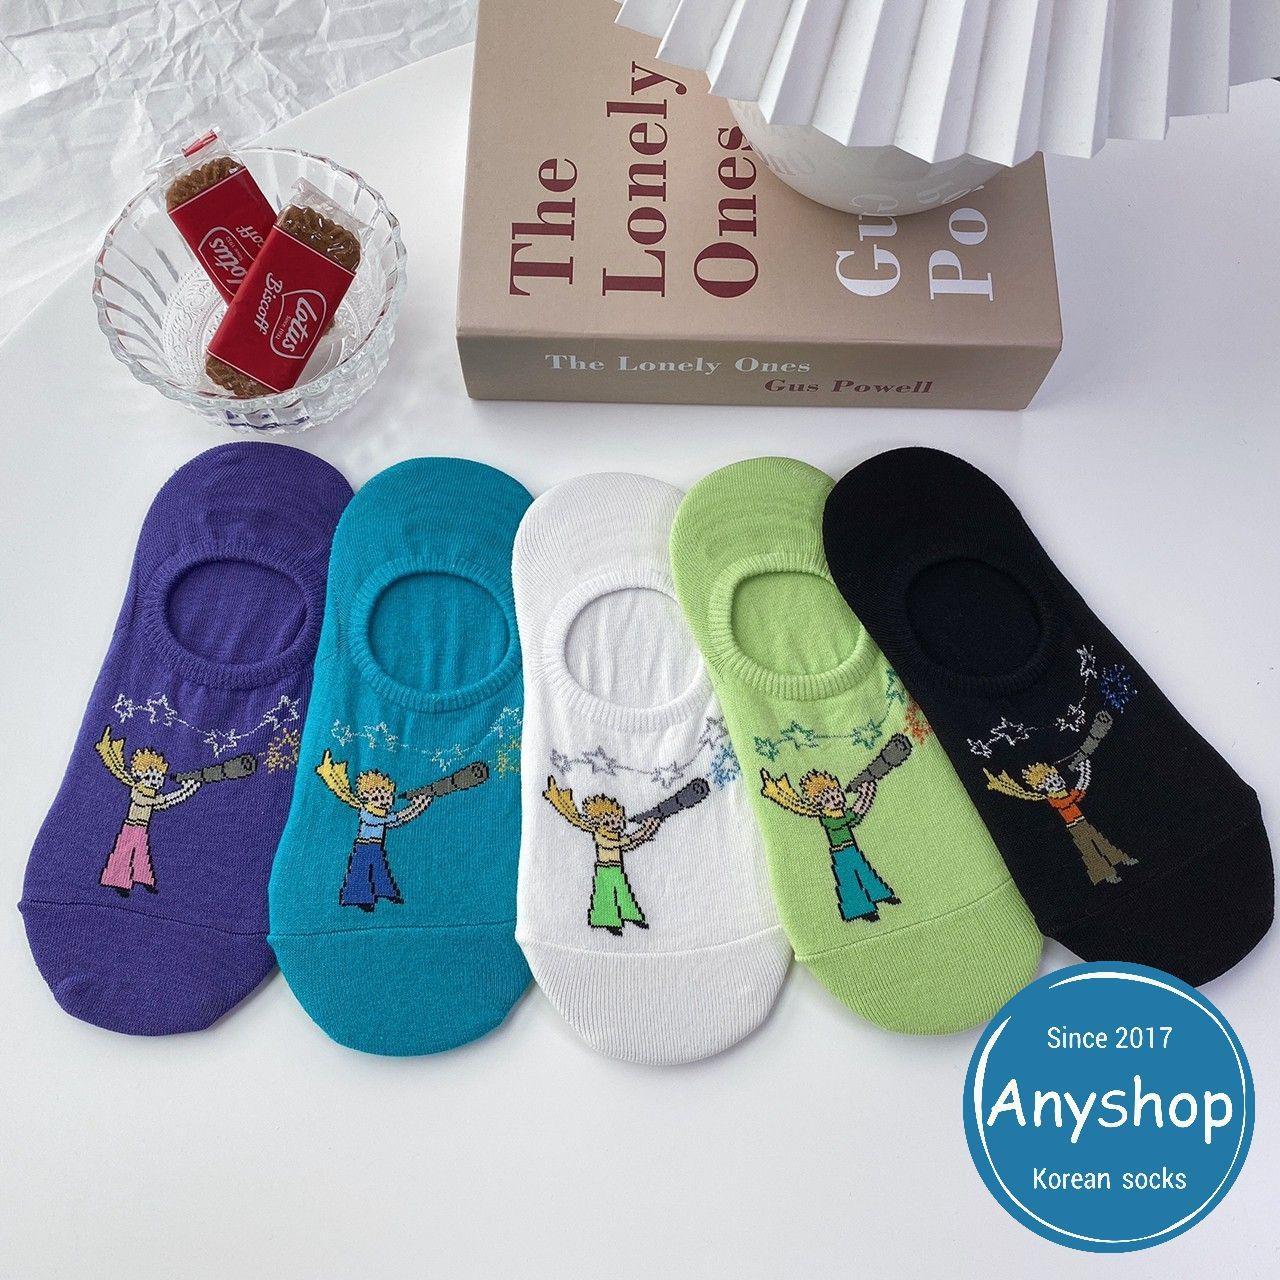 韓國襪-[Anyshop]望遠鏡小男孩船型襪